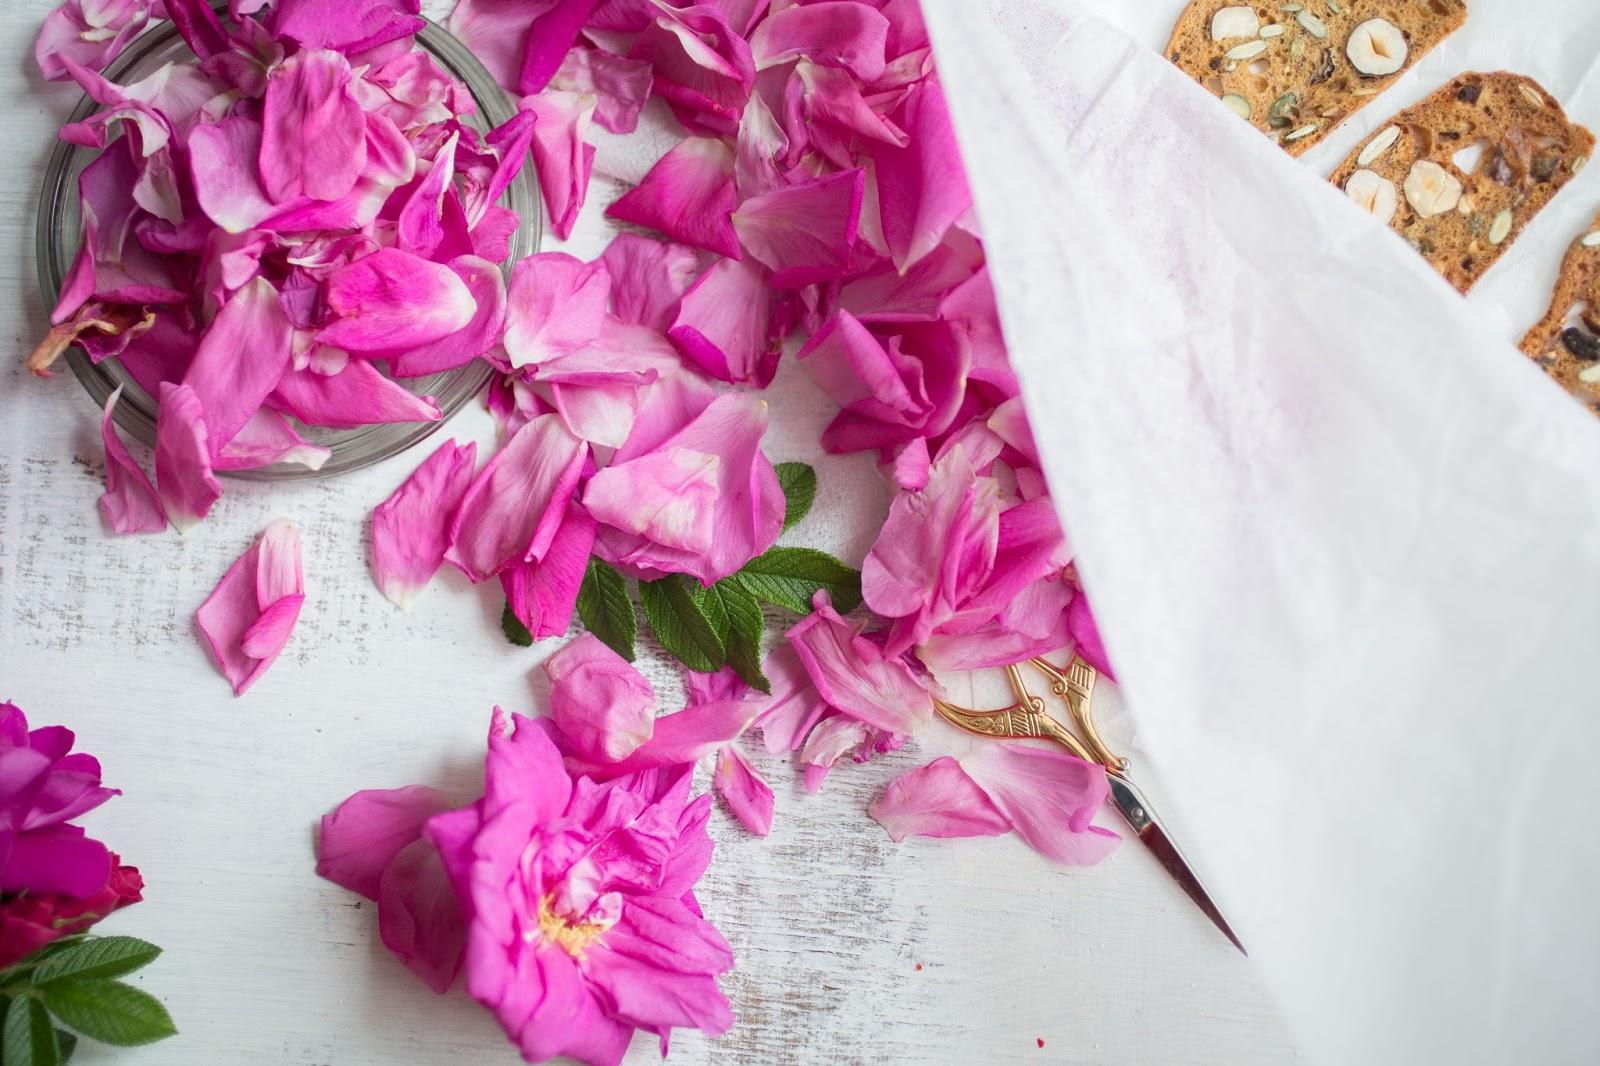 kanapka płatki róży